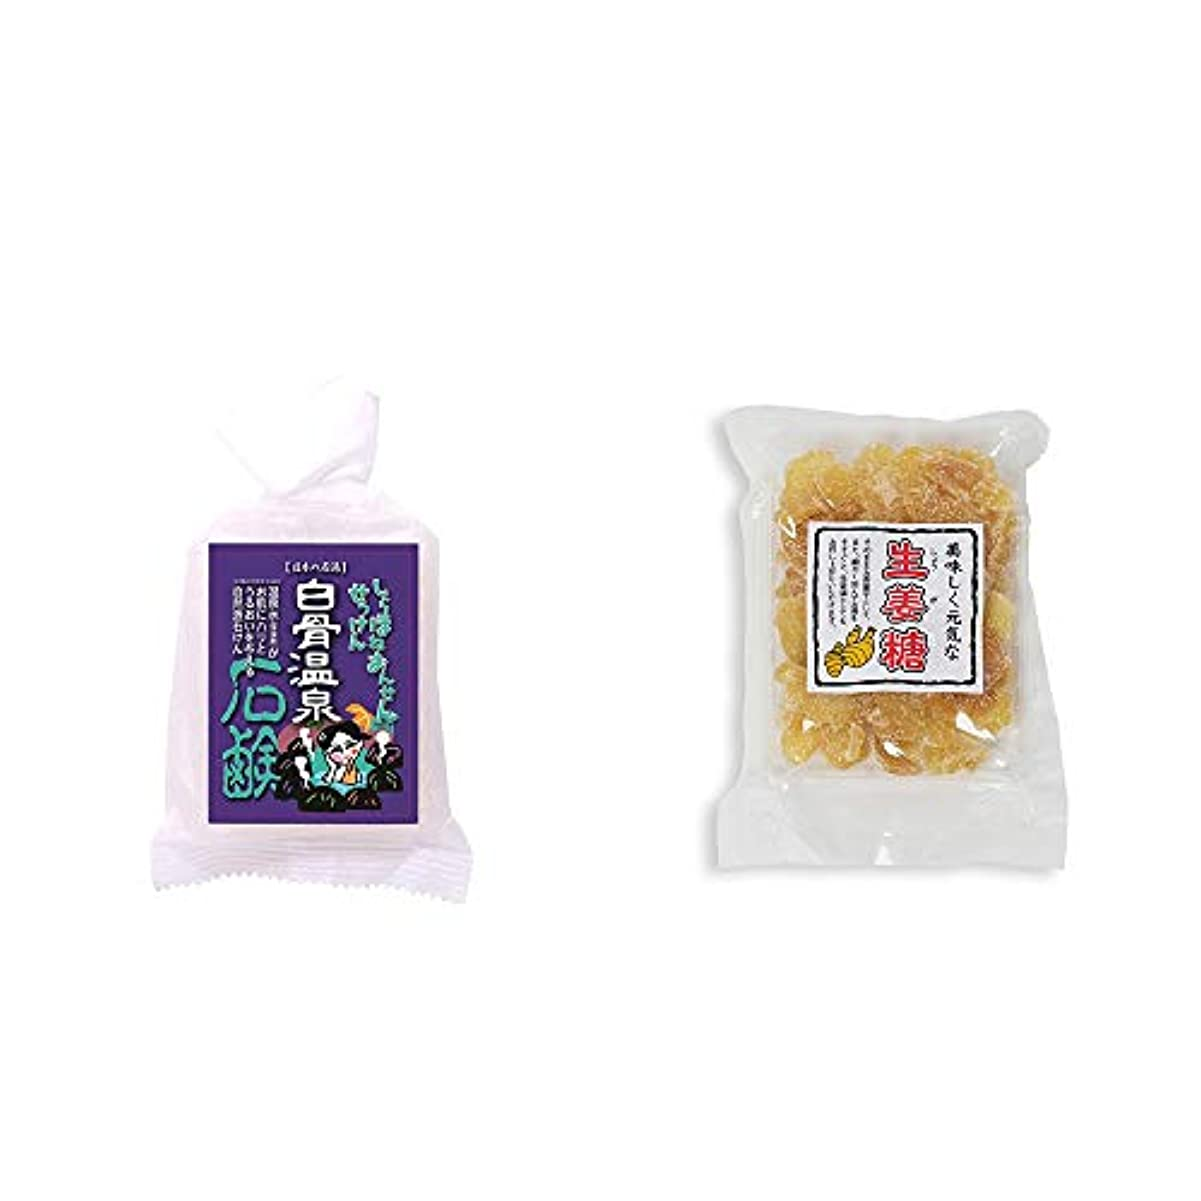 法医学東ティモール黙認する[2点セット] 信州 白骨温泉石鹸(80g)?生姜糖(230g)